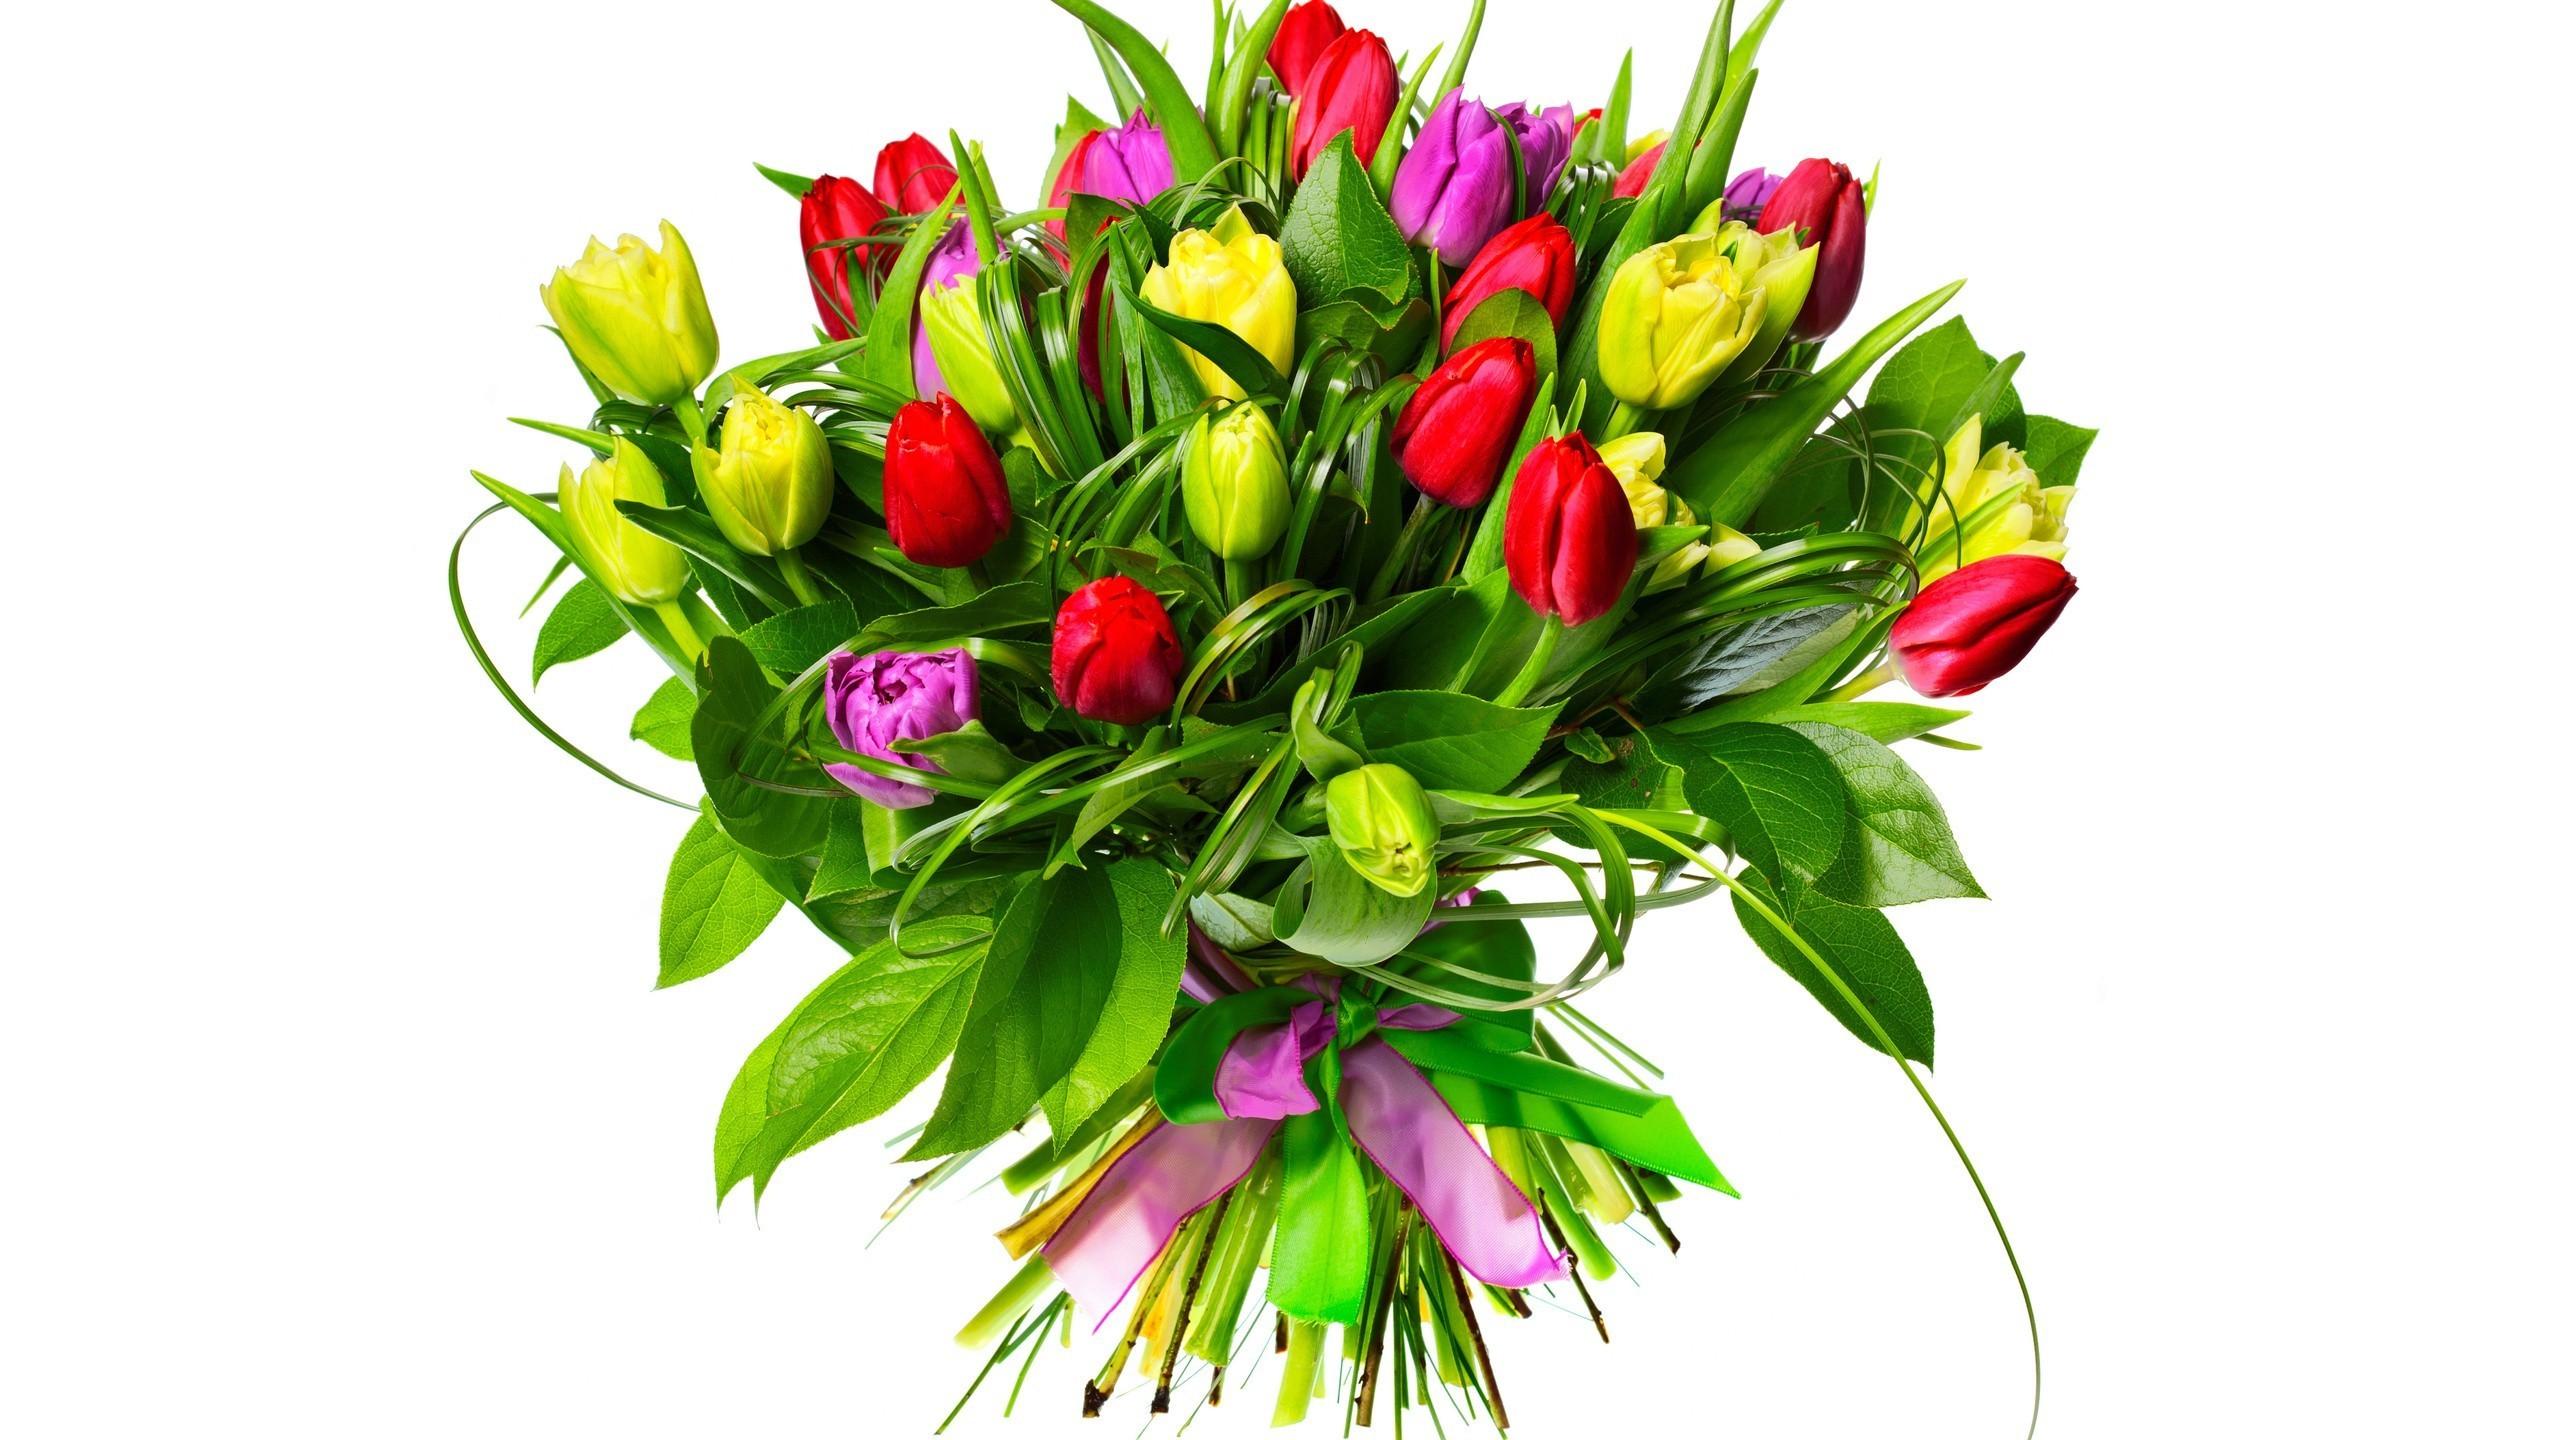 Wallpaper Images Hd Flowers Kwiaty Bukiet Tulipany